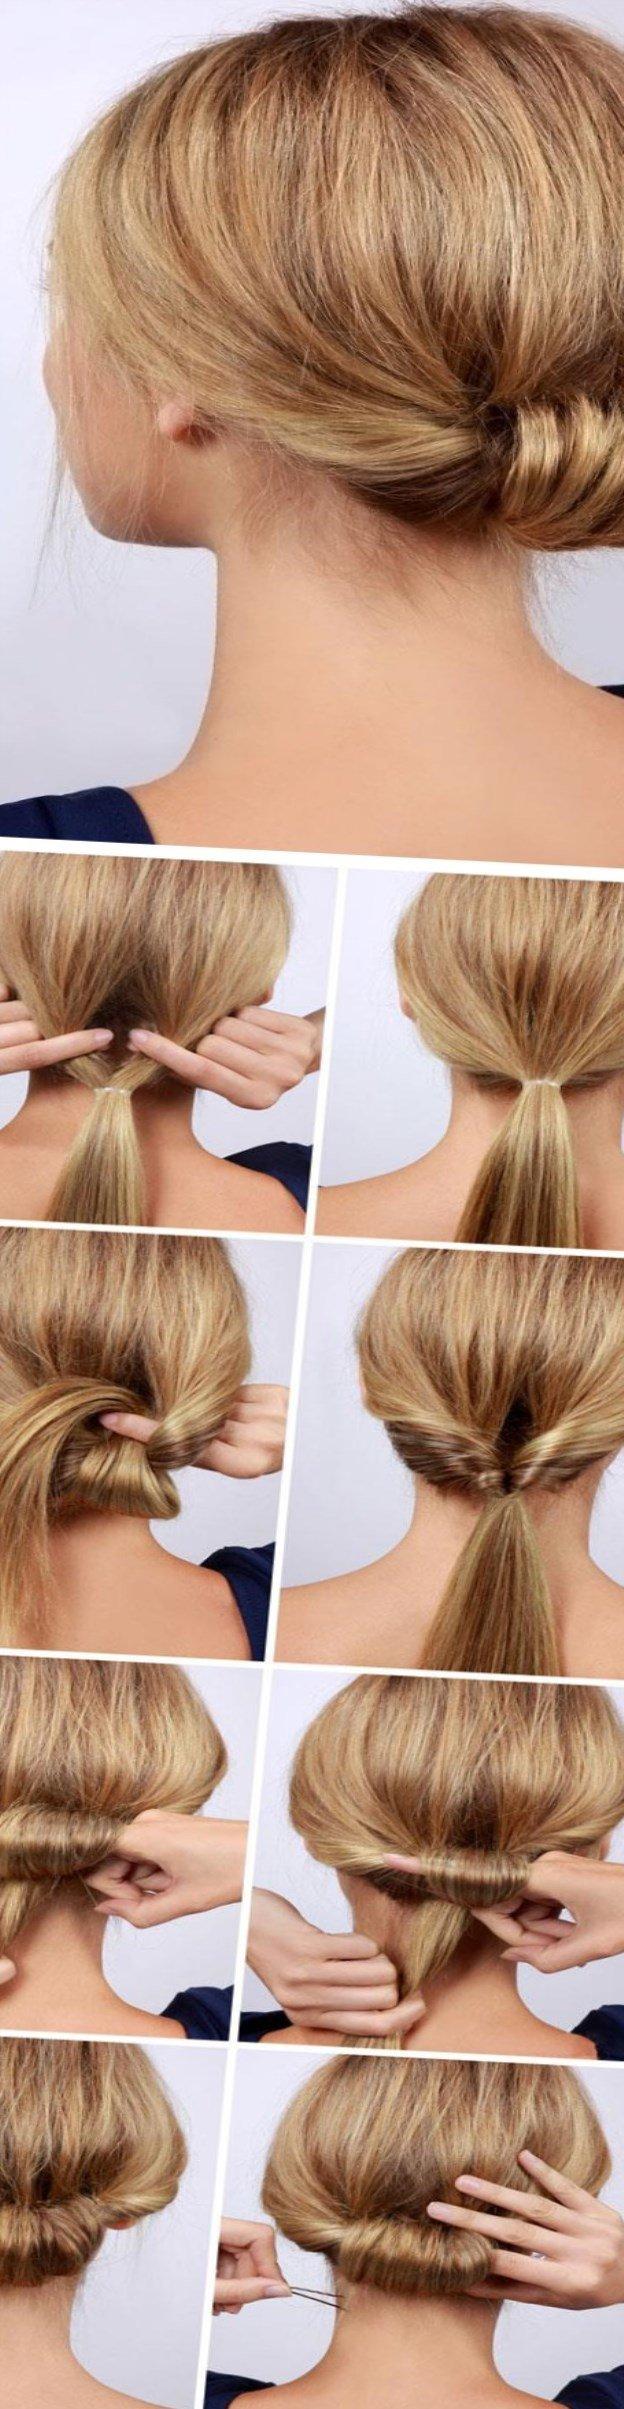 Причёски на длинные волосы своими руками на каждый день 72